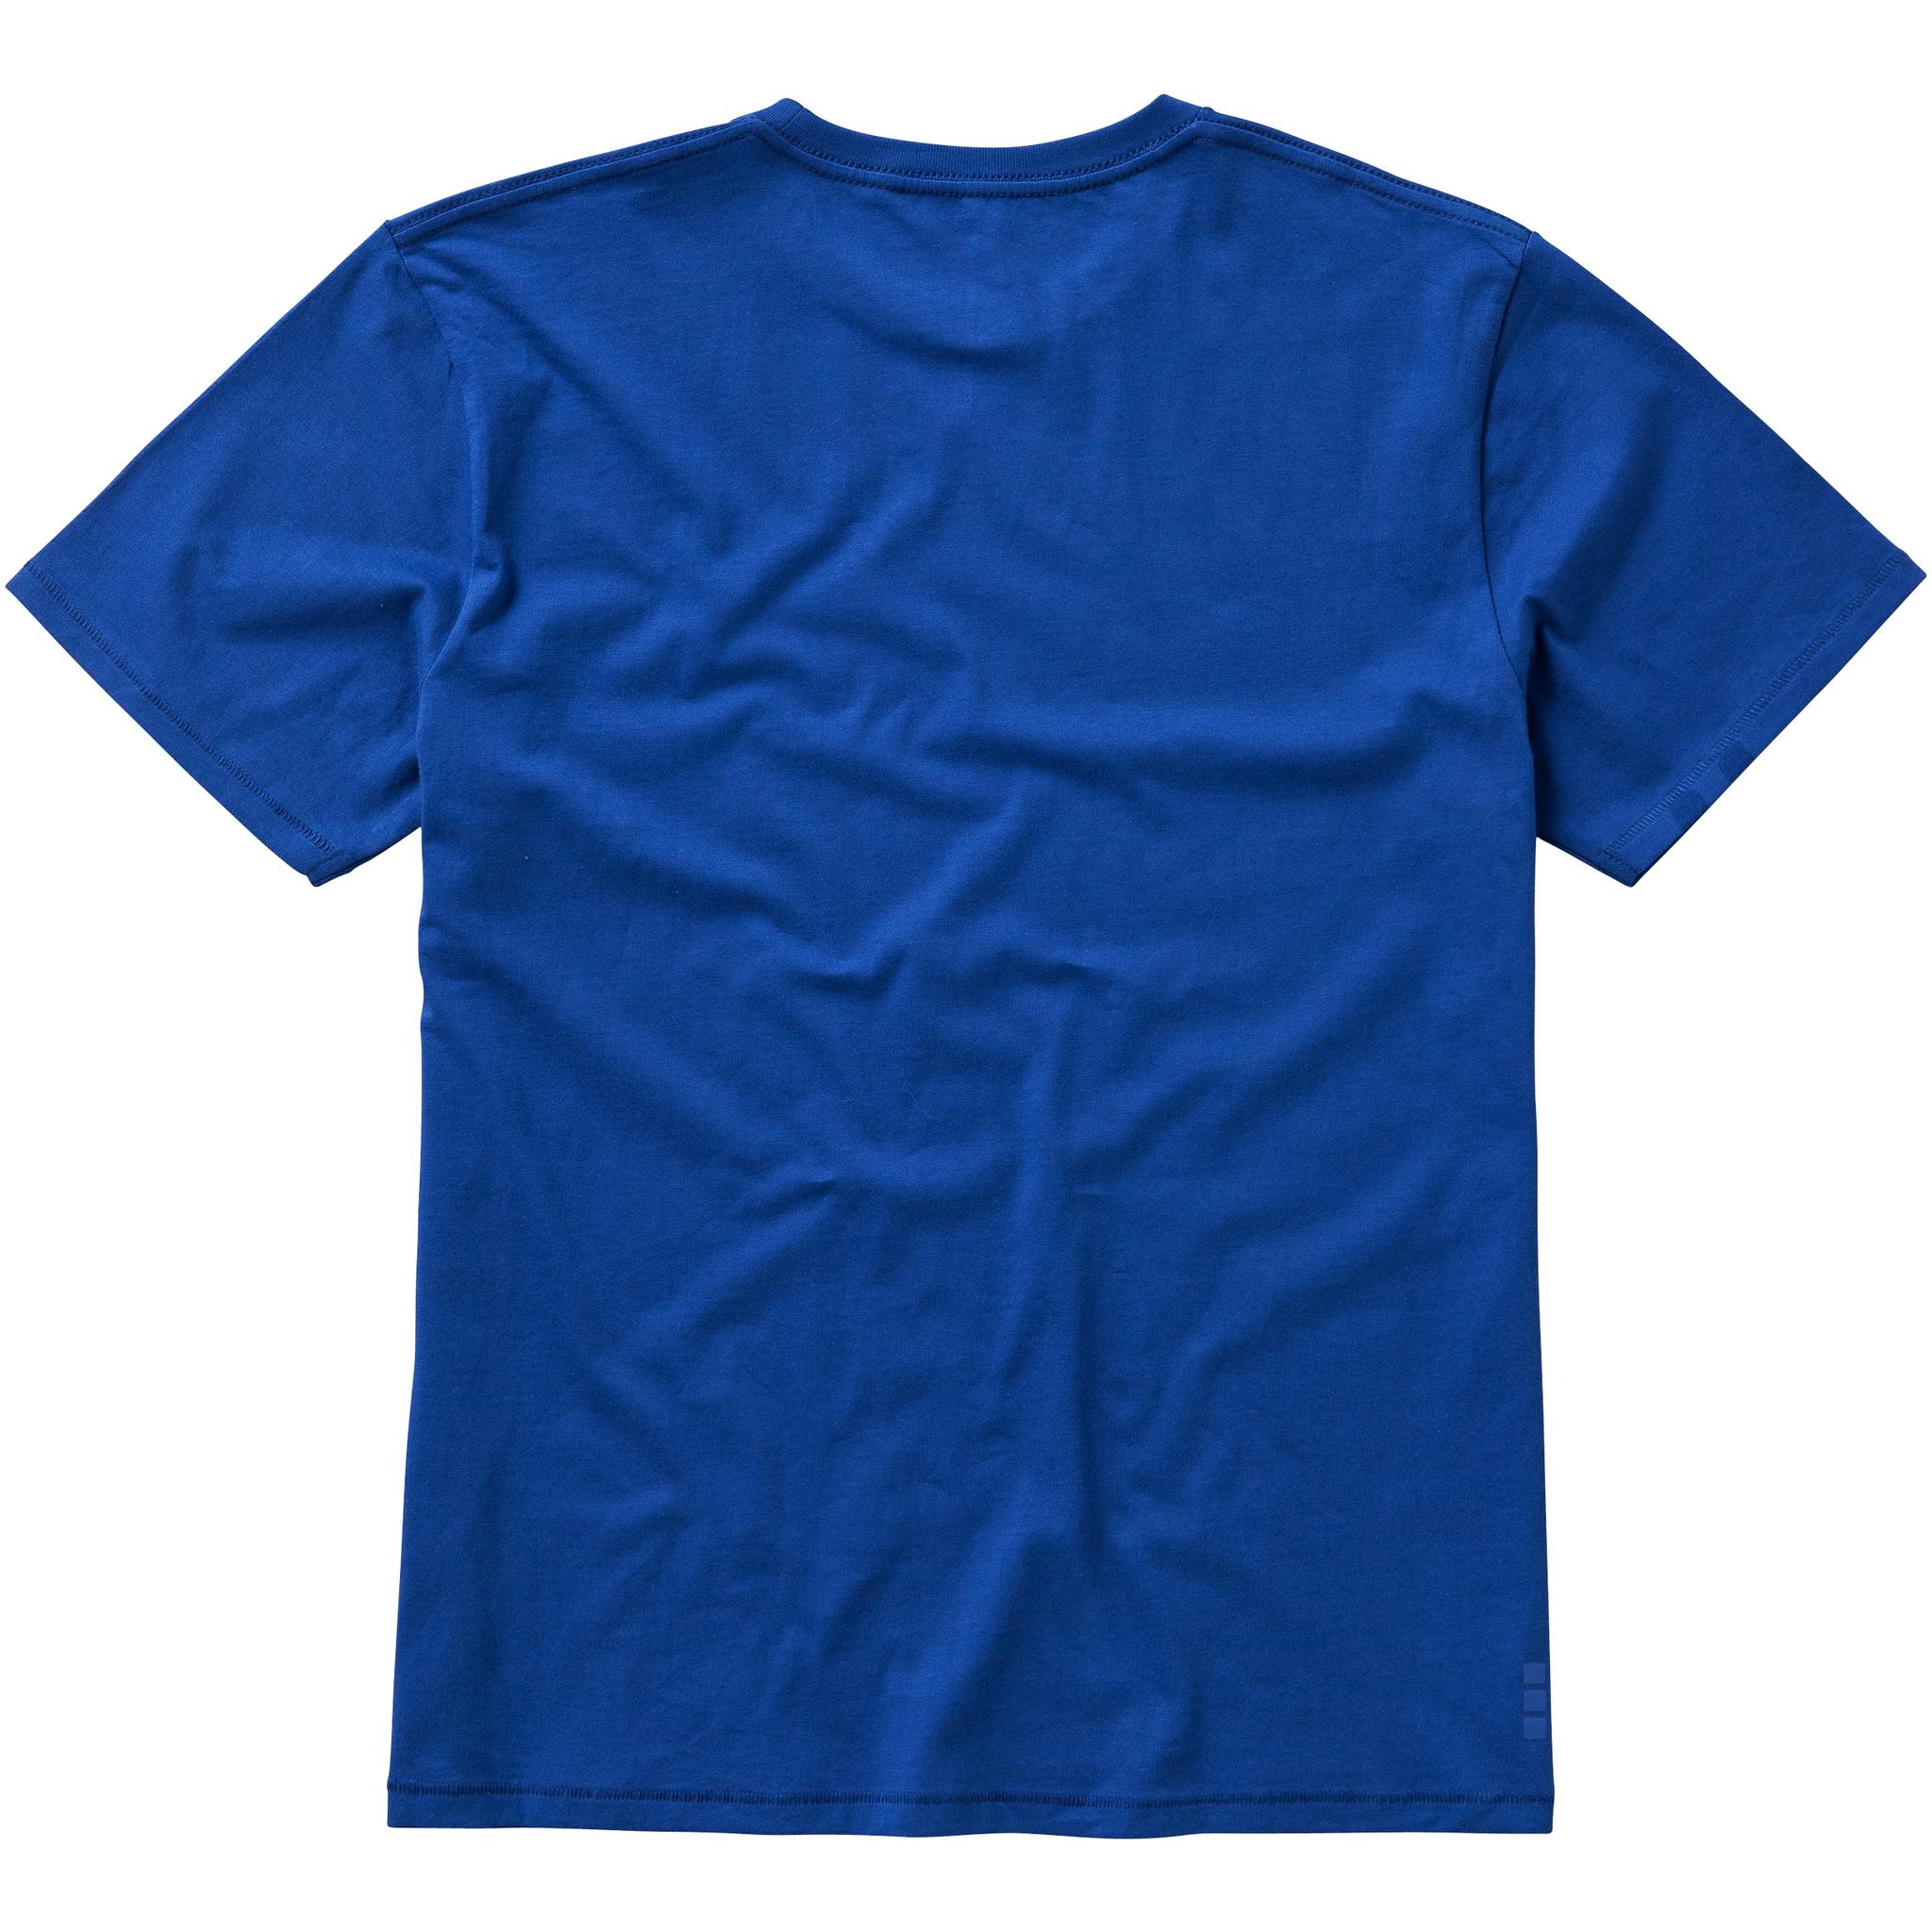 Elevate-Mens-Nanaimo-Short-Sleeve-T-Shirt-PF1807 thumbnail 15